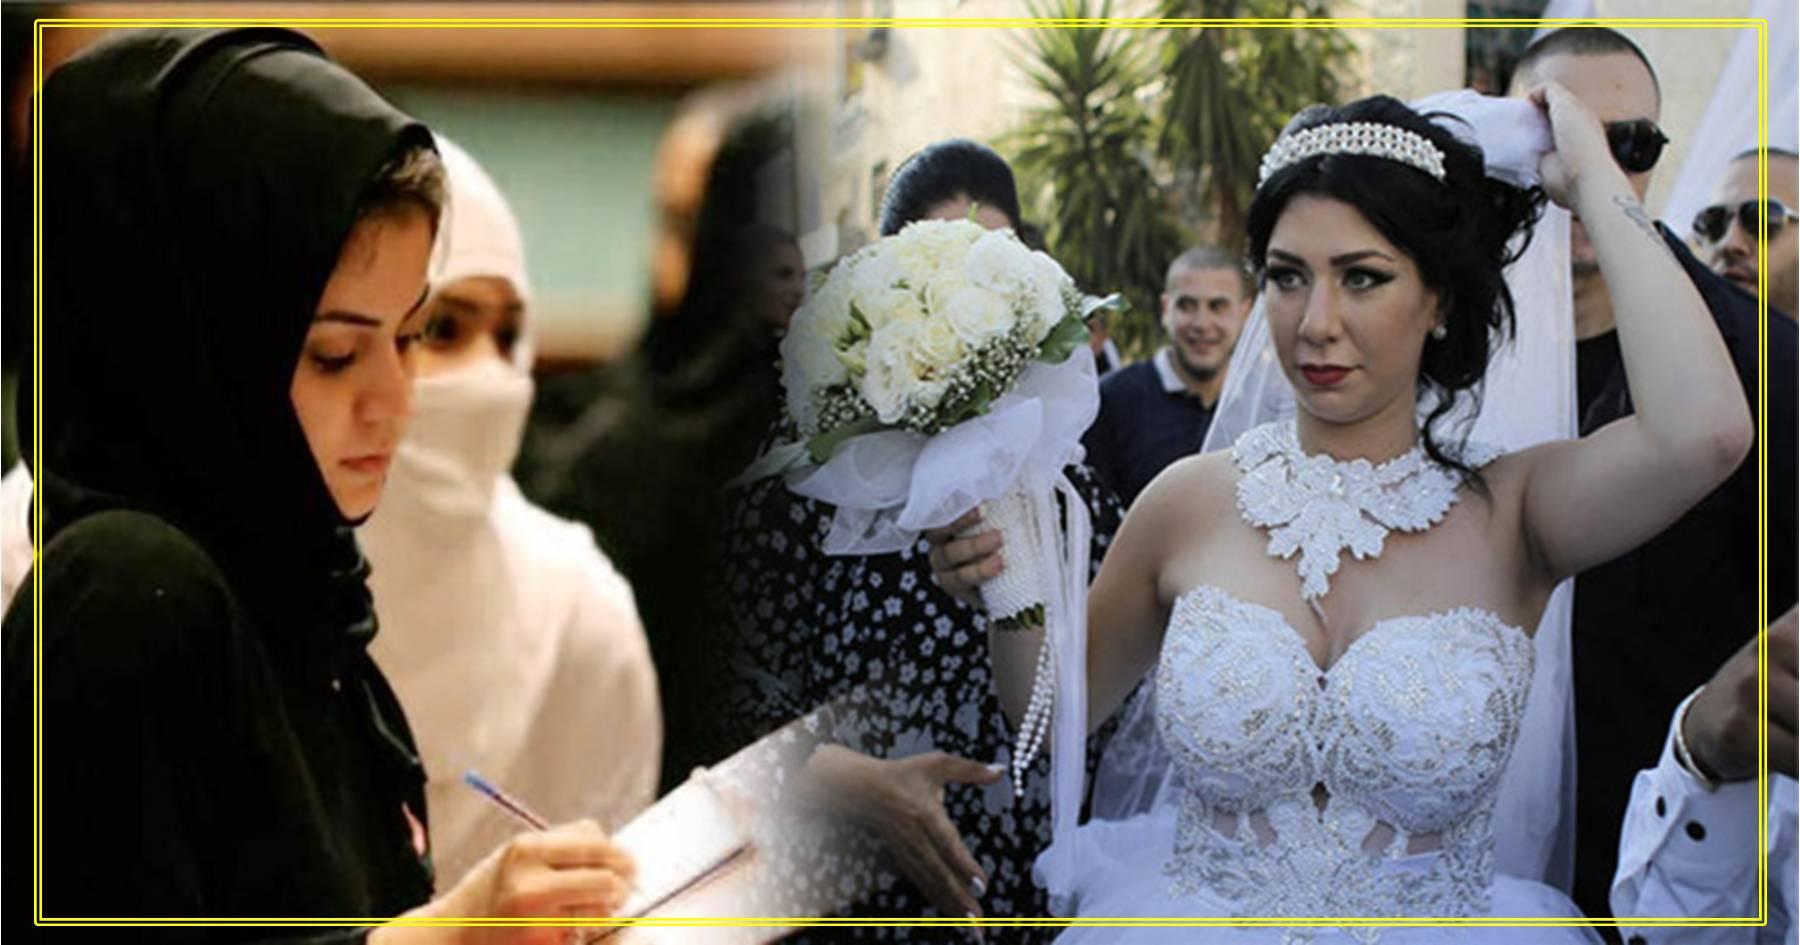 લગ્ન પહેલાં પુરુષોને આ શરતો માનવાની ફરજ પાડે છે આ સાઉદી અરબની મહિલાઓ, તમે જાણશો તો દંગ રહી જશો…